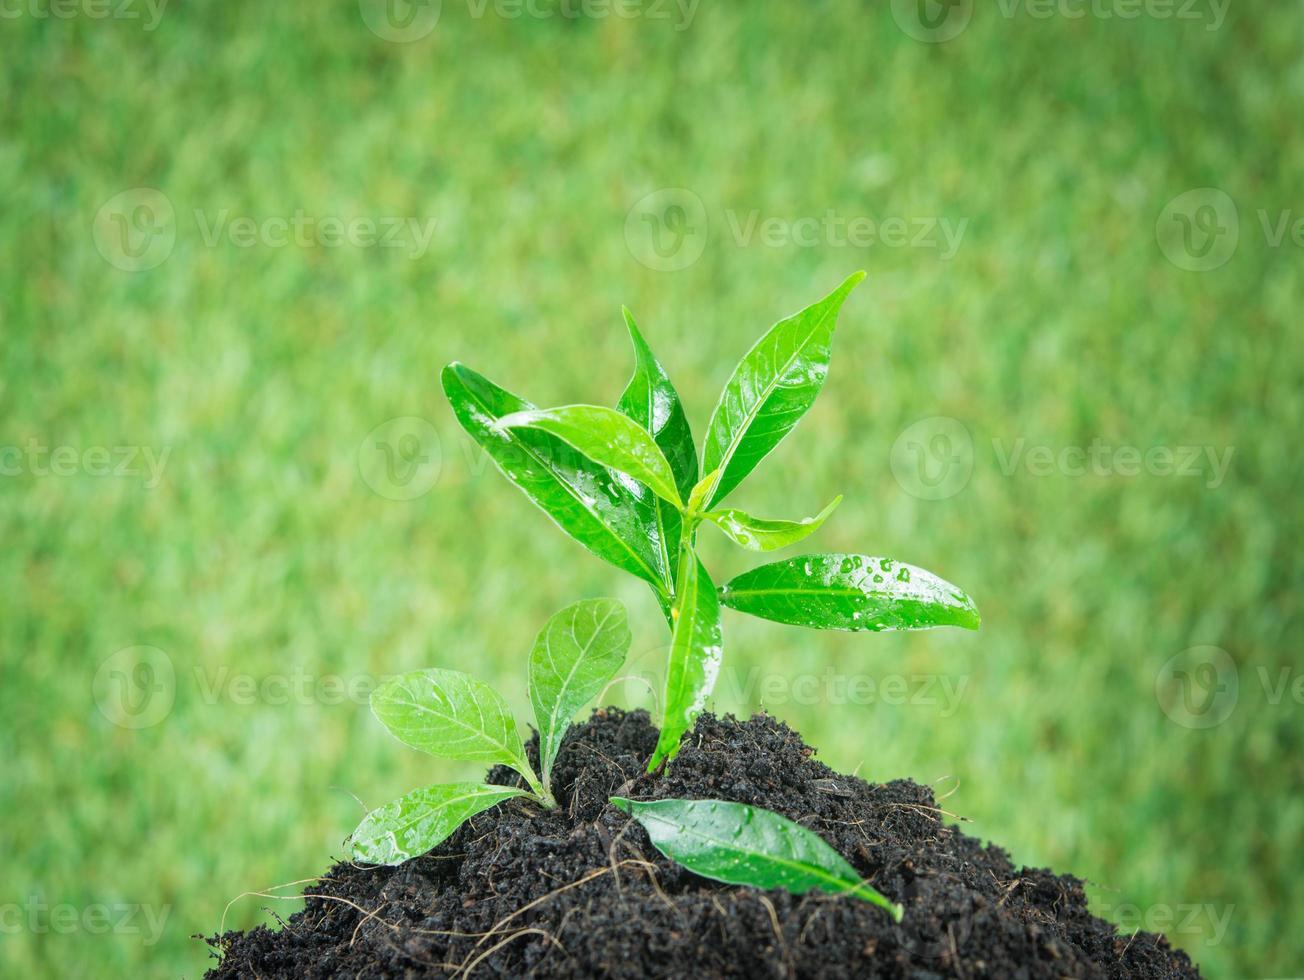 jonge kleine nieuw leven groene plant foto